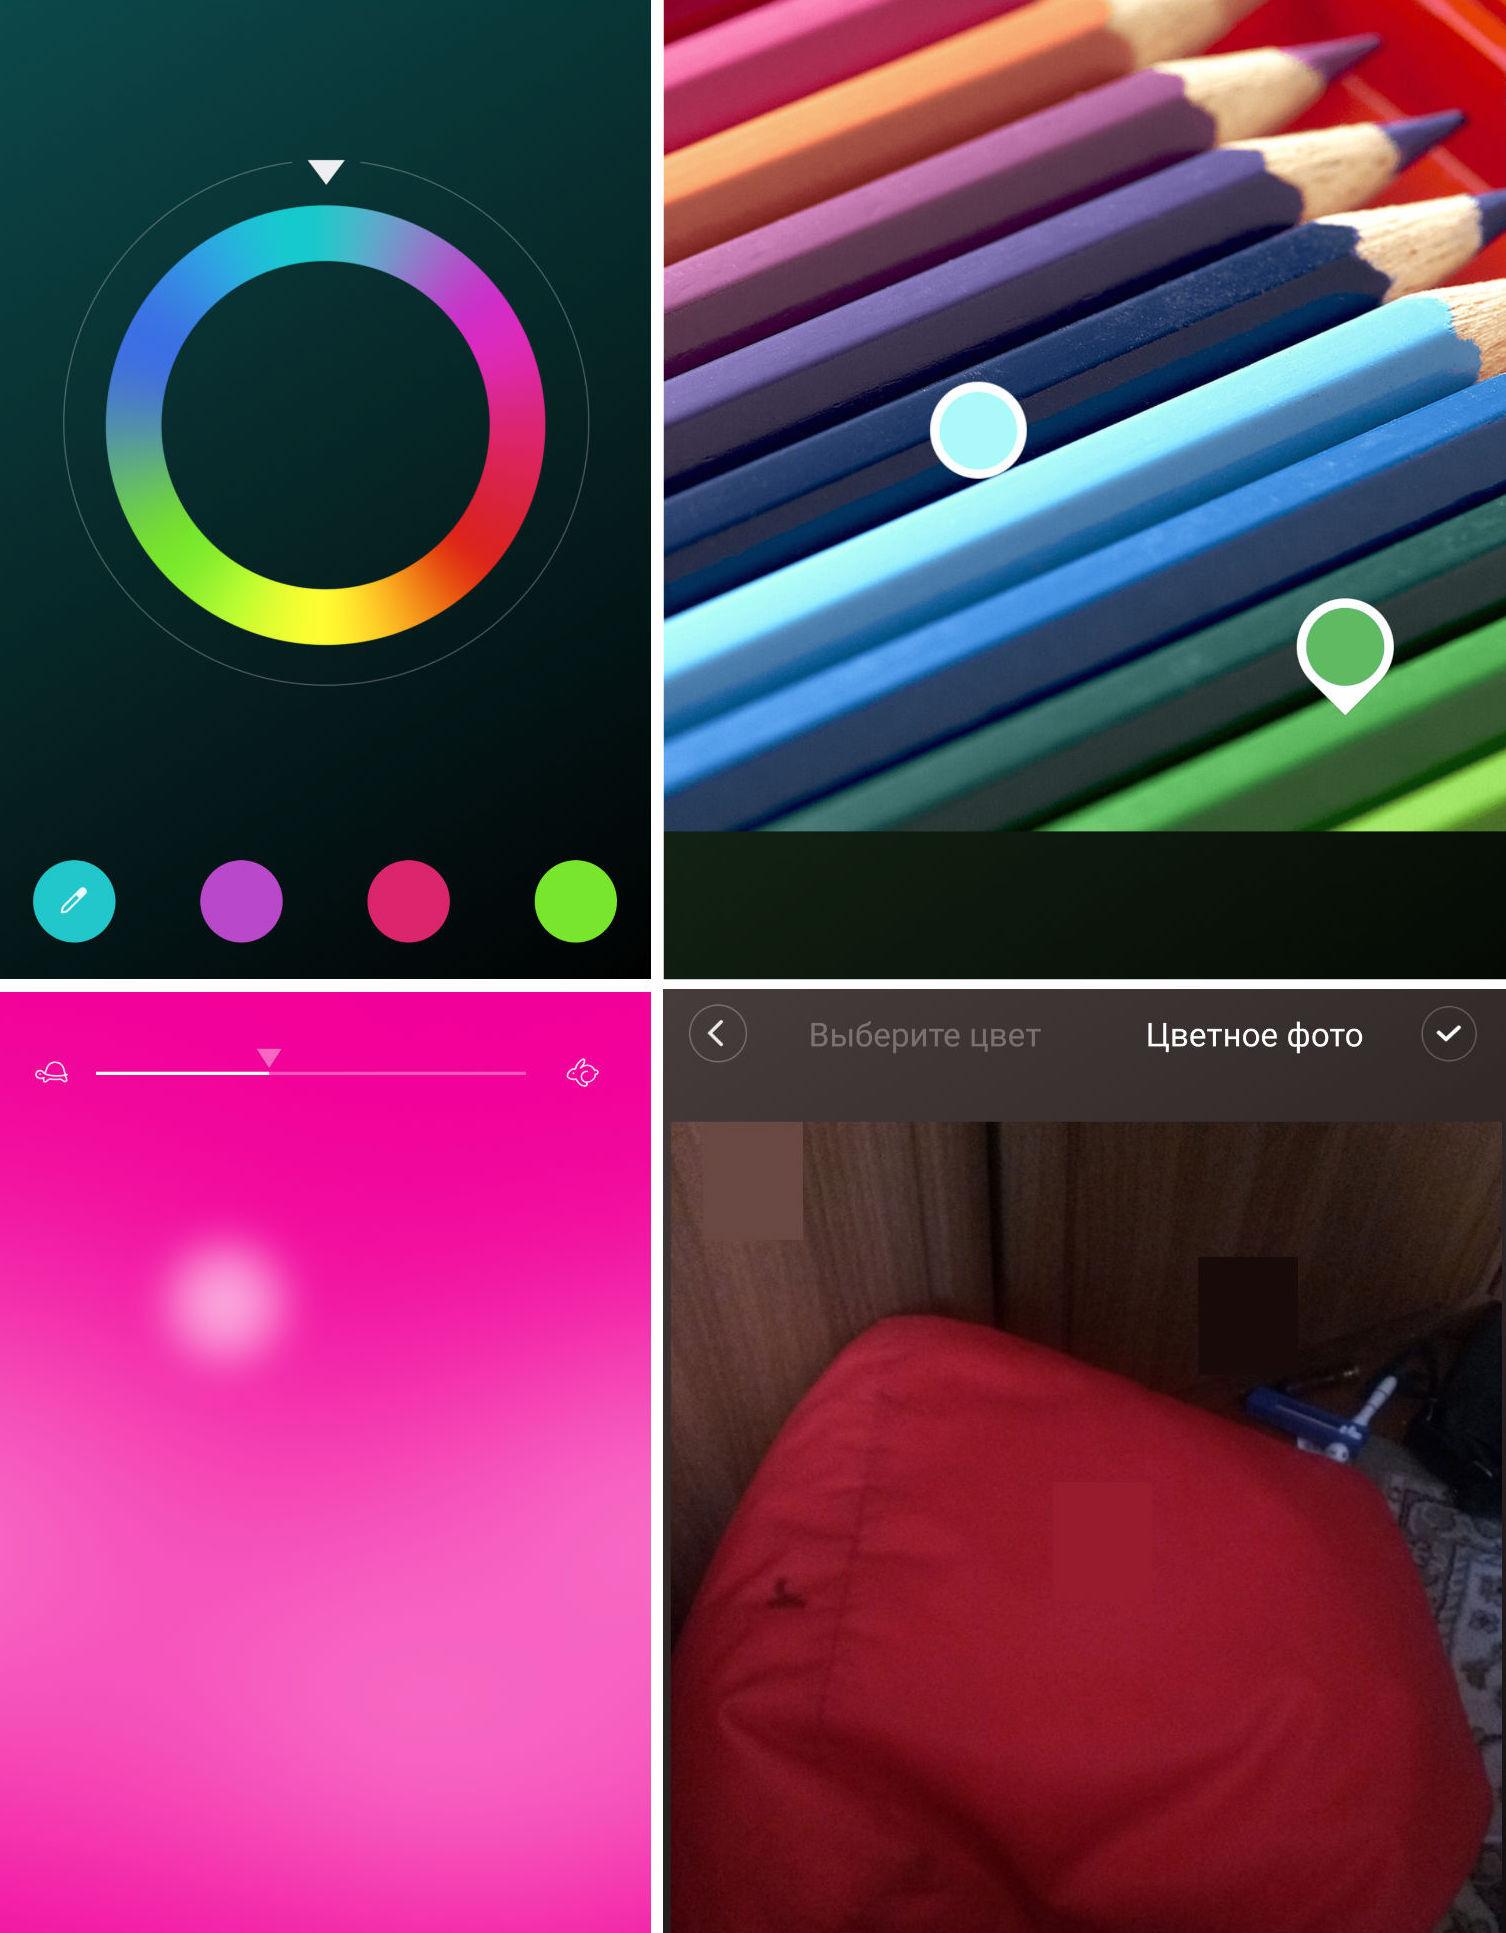 Xiaomi Mi Yeelight Bedside: обзор обзоров прикроватной лампы - 26